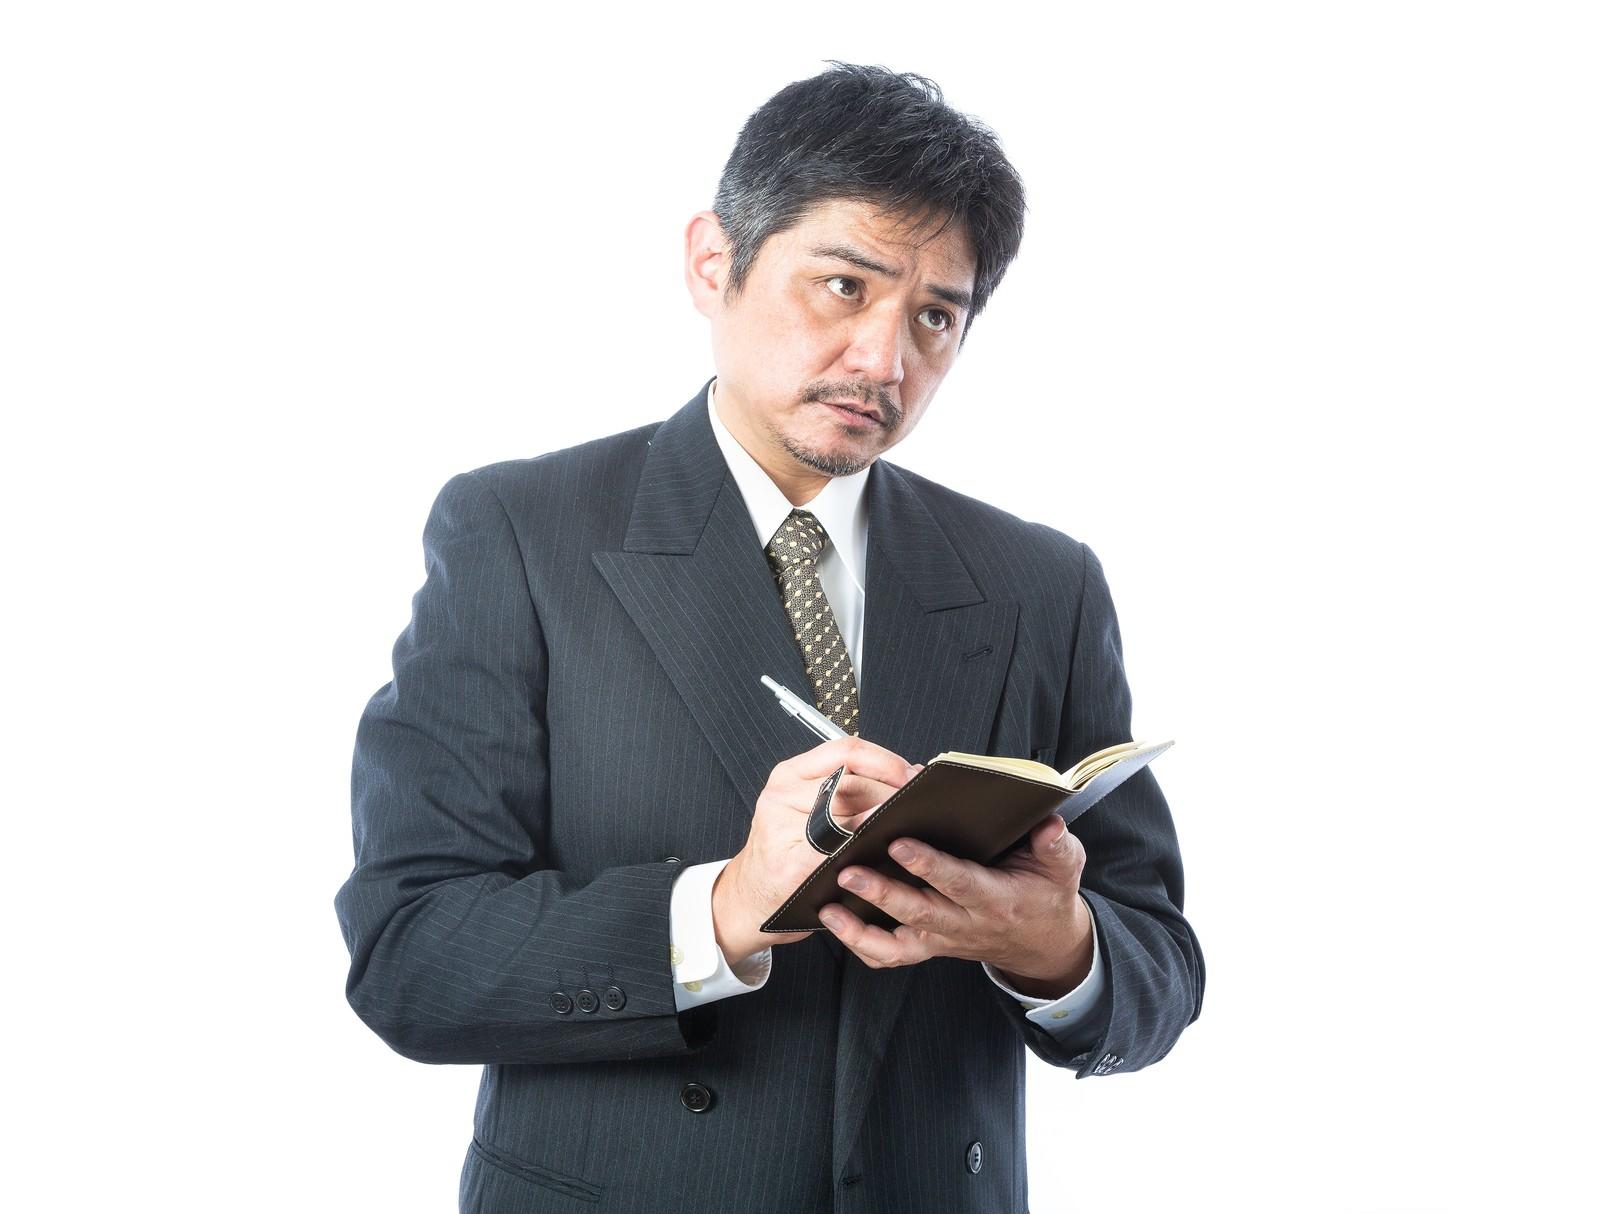 IPOが全く当たらないので当選するためのコツを大和証券さんに聞いてみました。